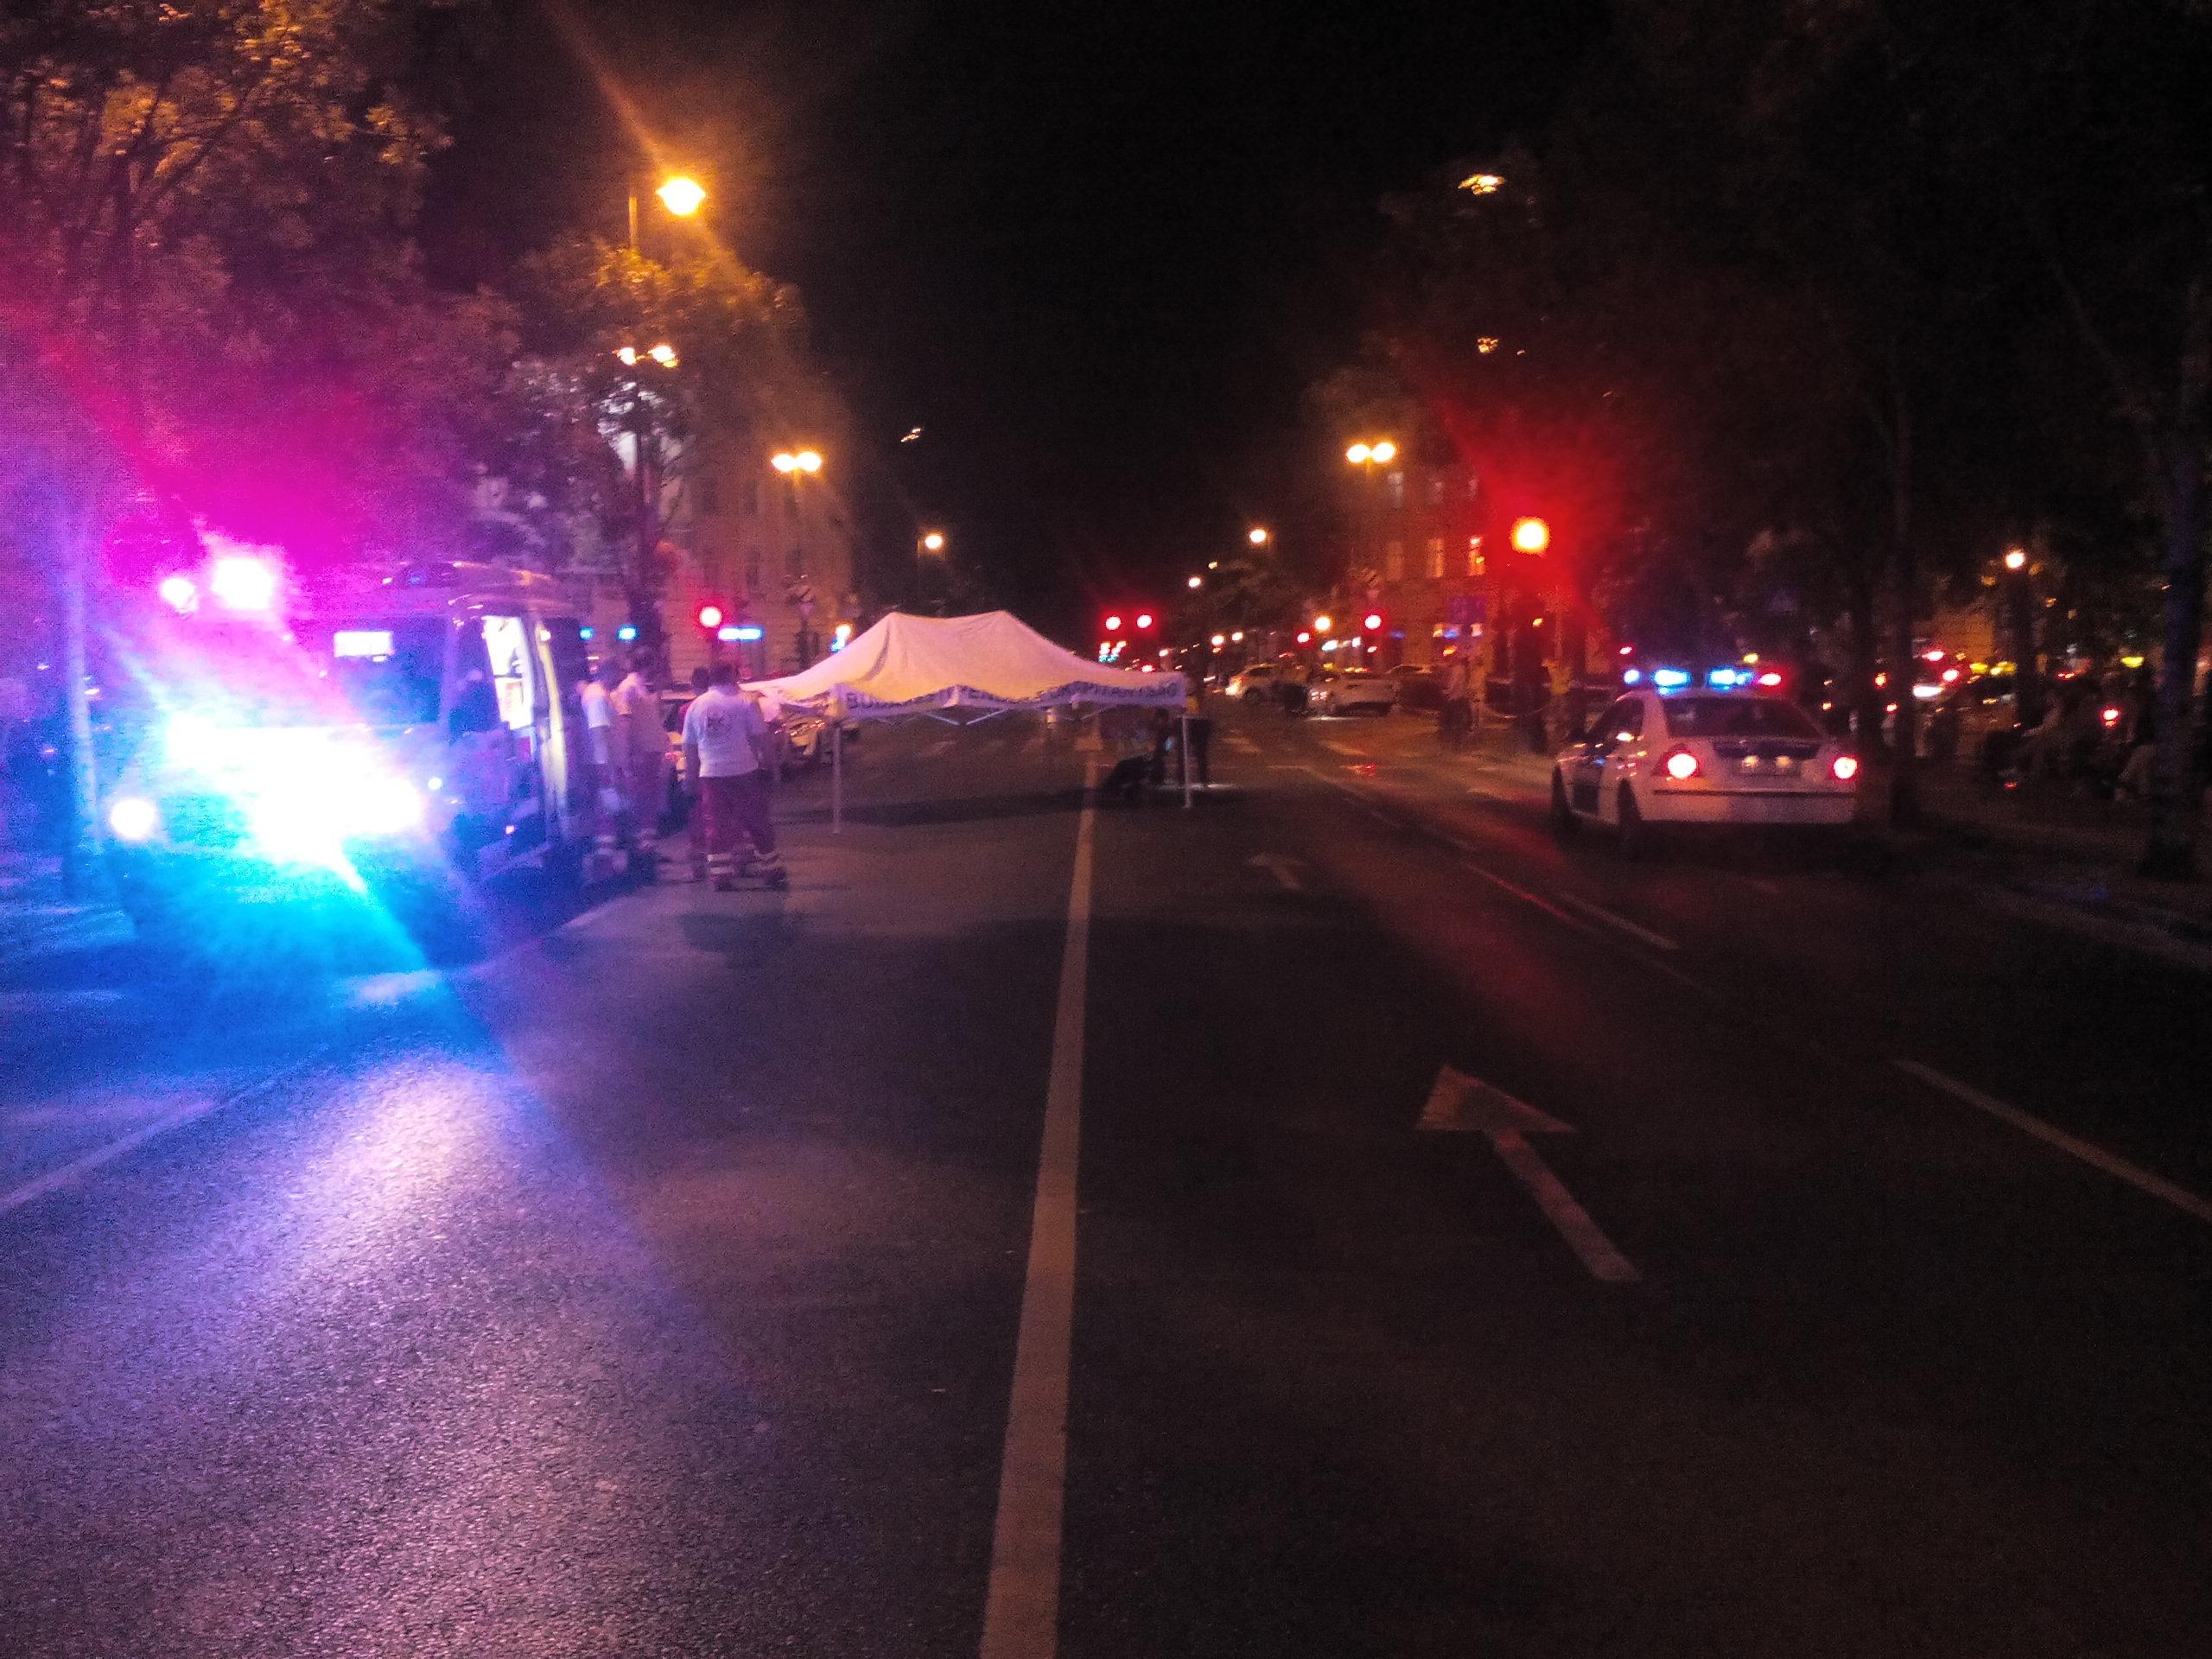 Halálra gázoltak egy embert a budapesti Andrássy úton